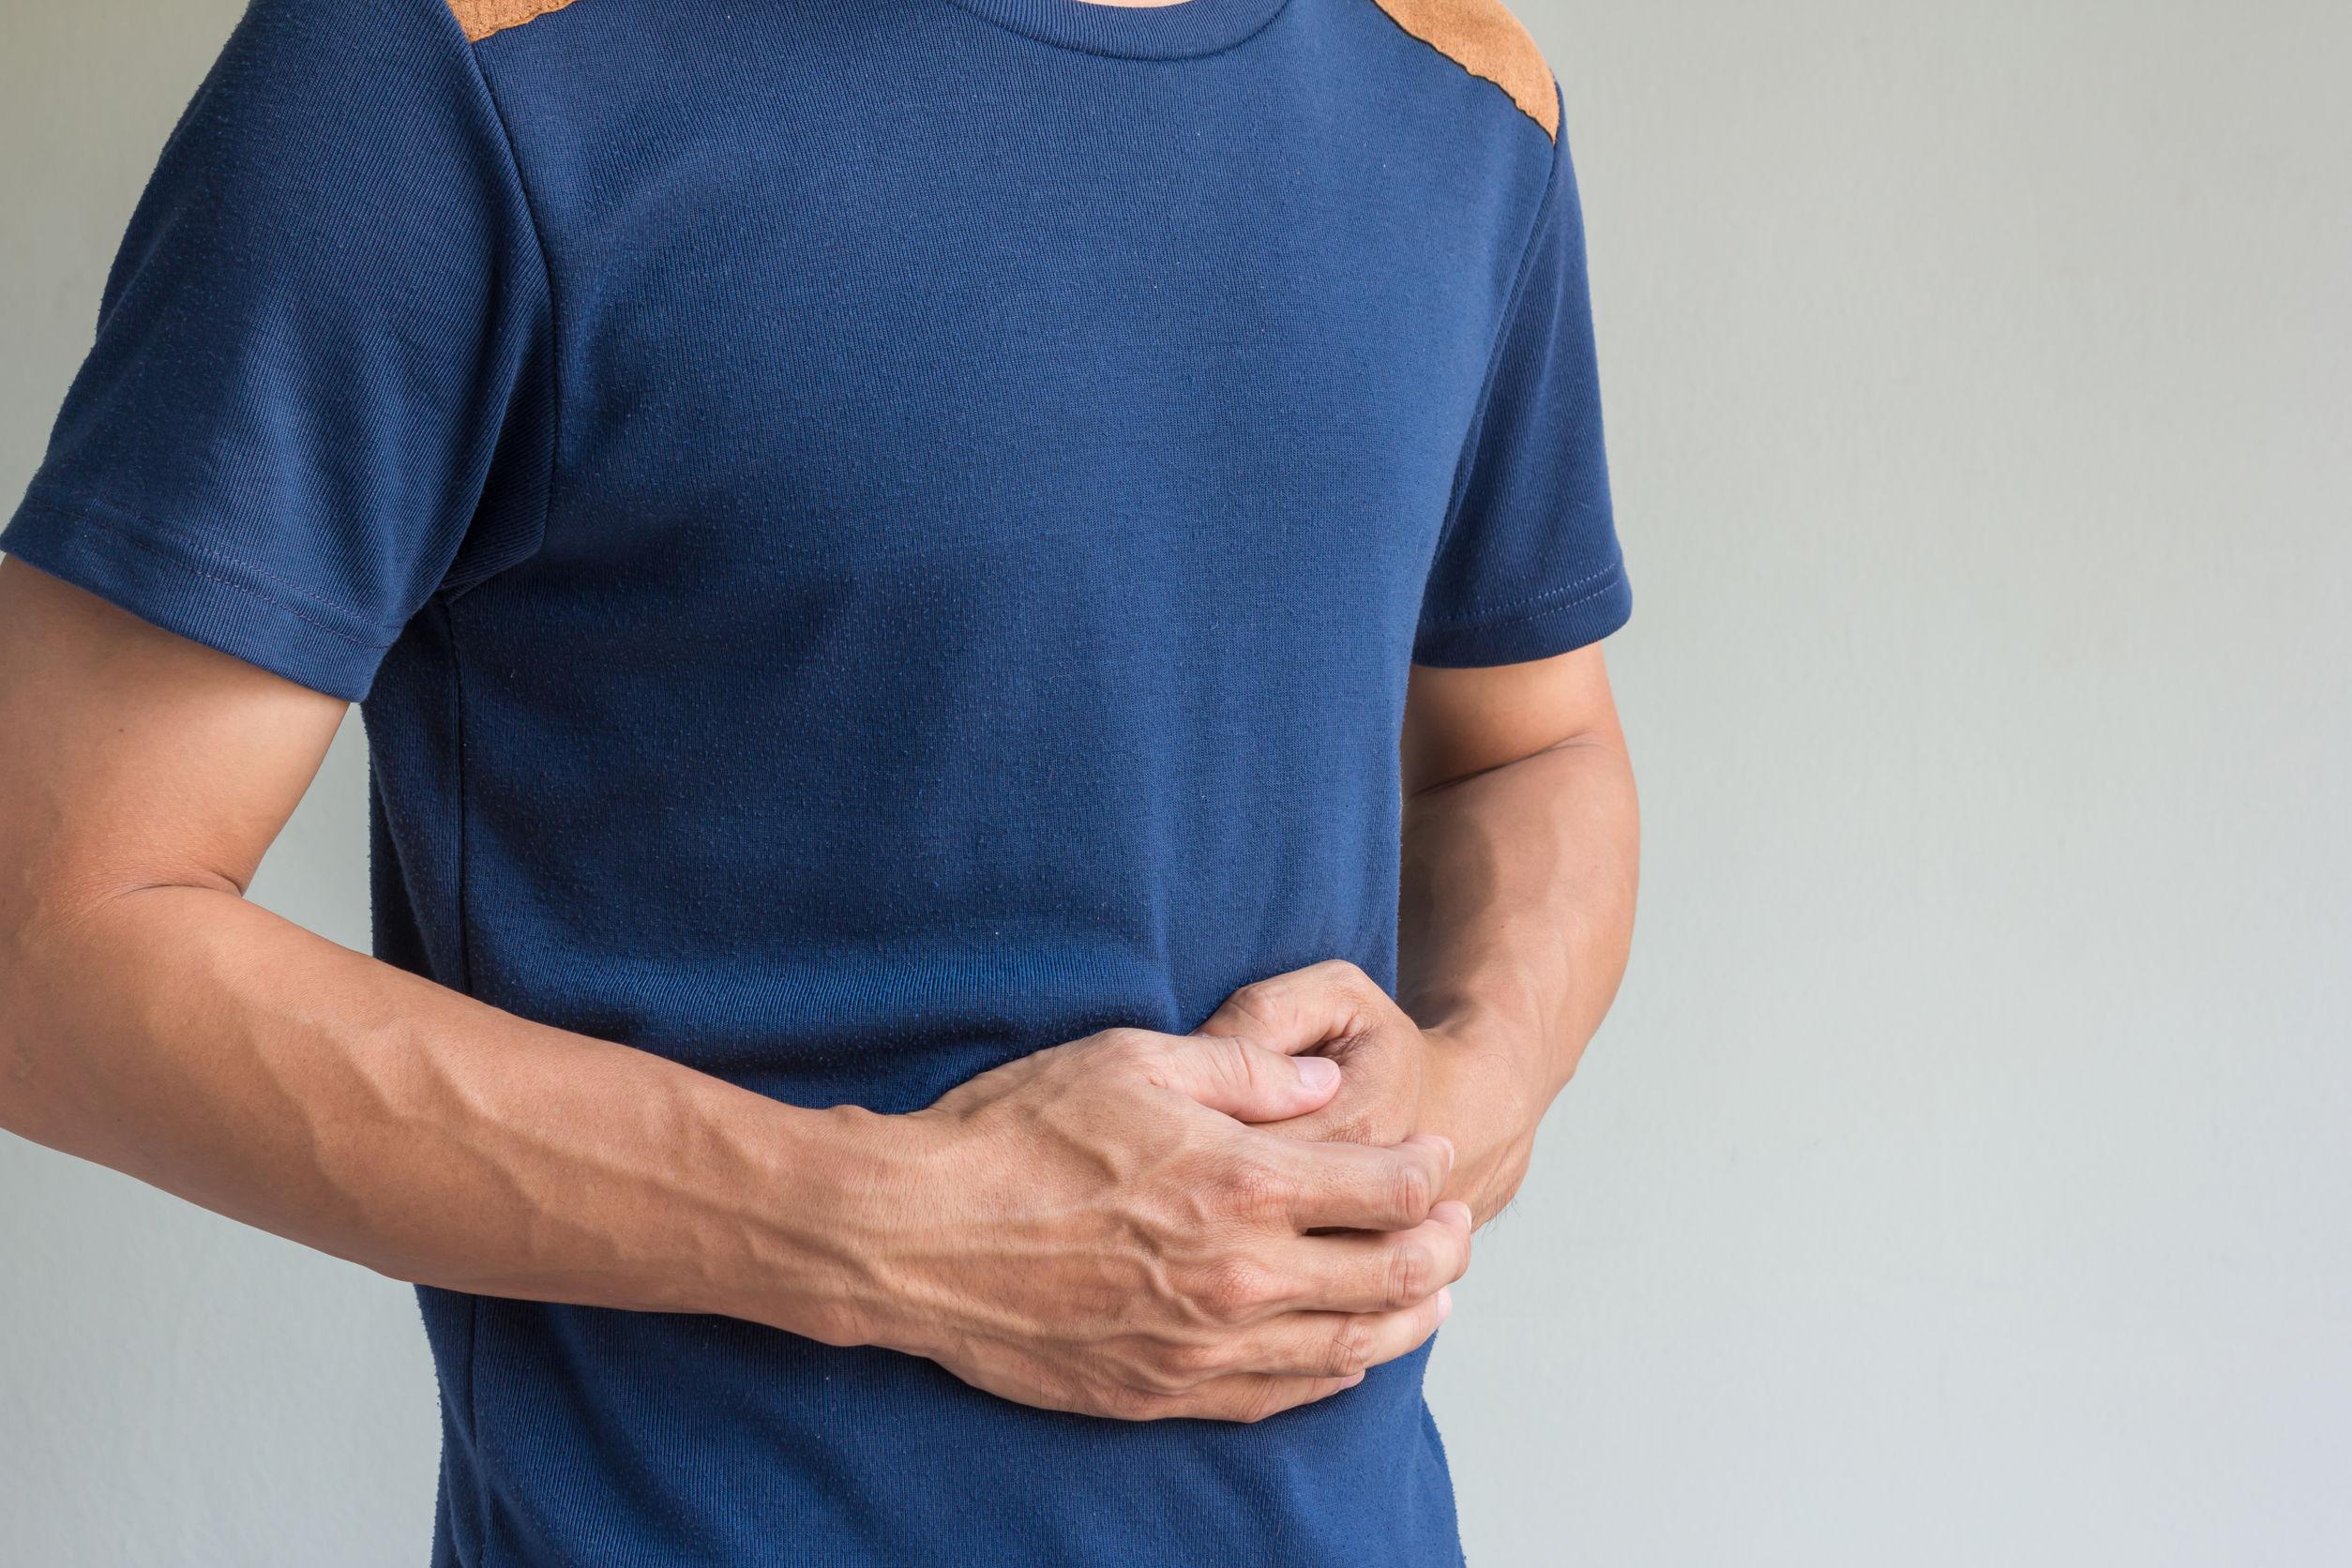 Darmen reinigen: Waarom en hoe doe je dat?